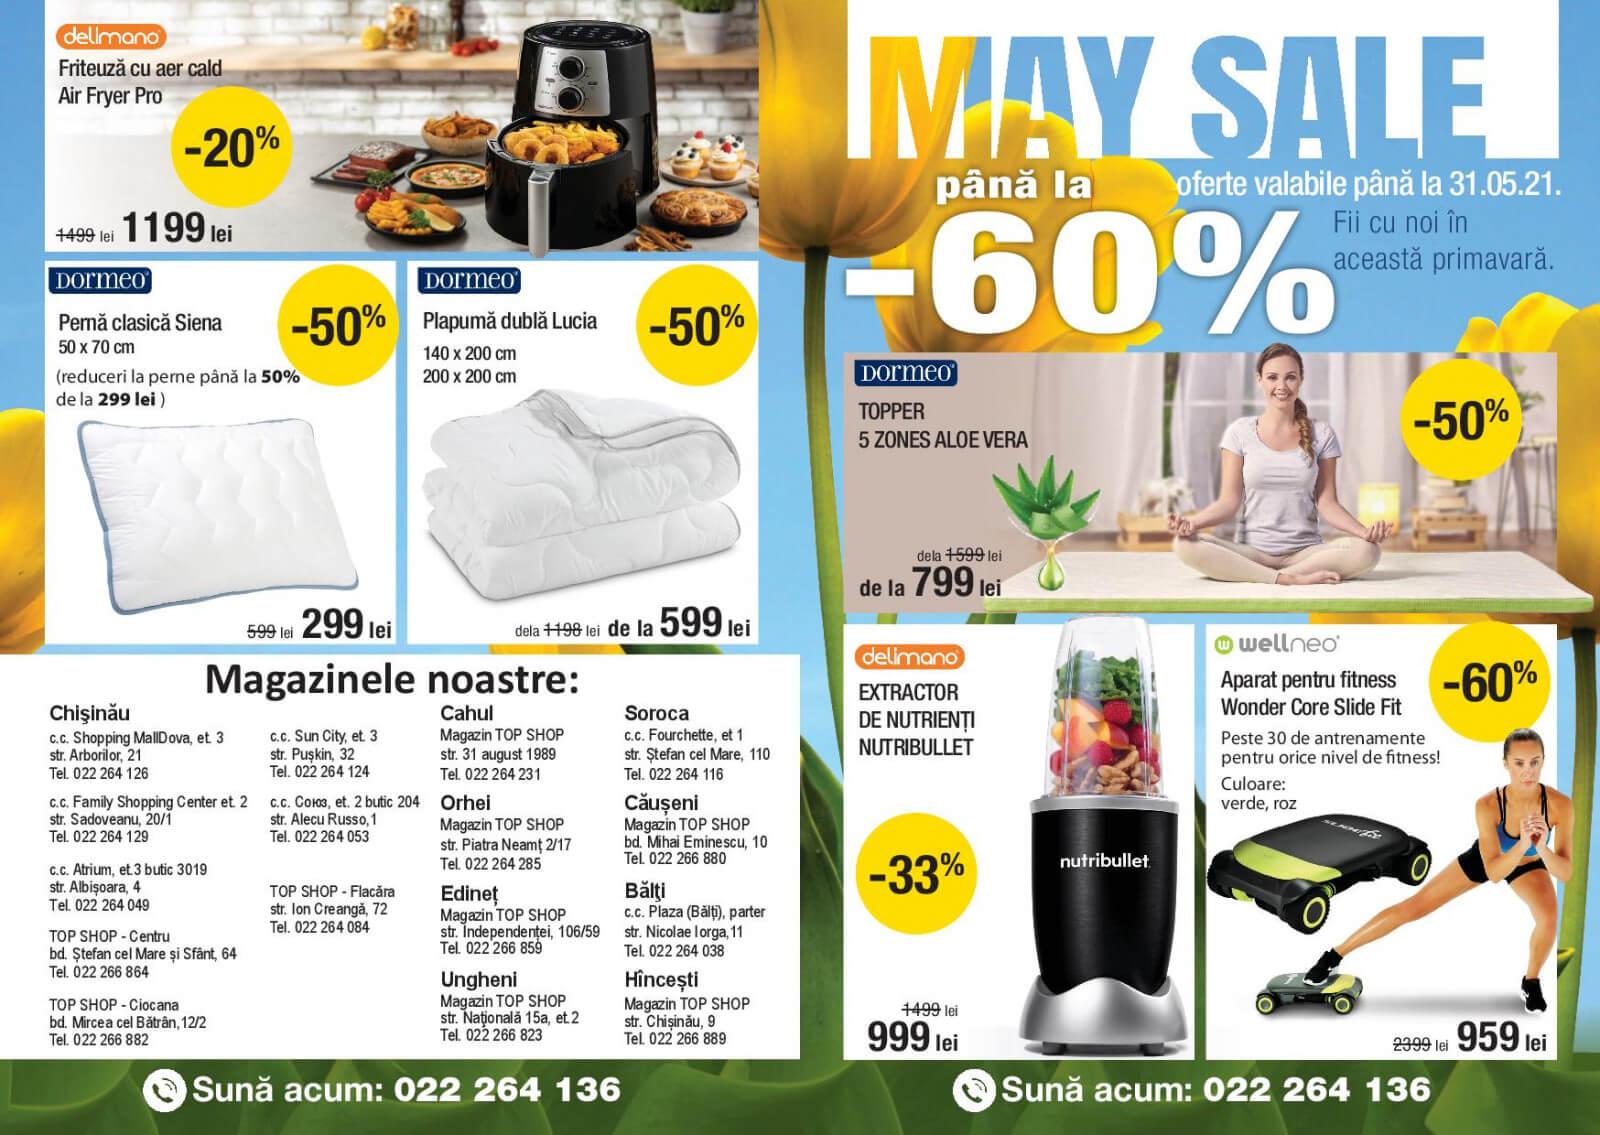 Top Shop: Reduceri pana la -60%